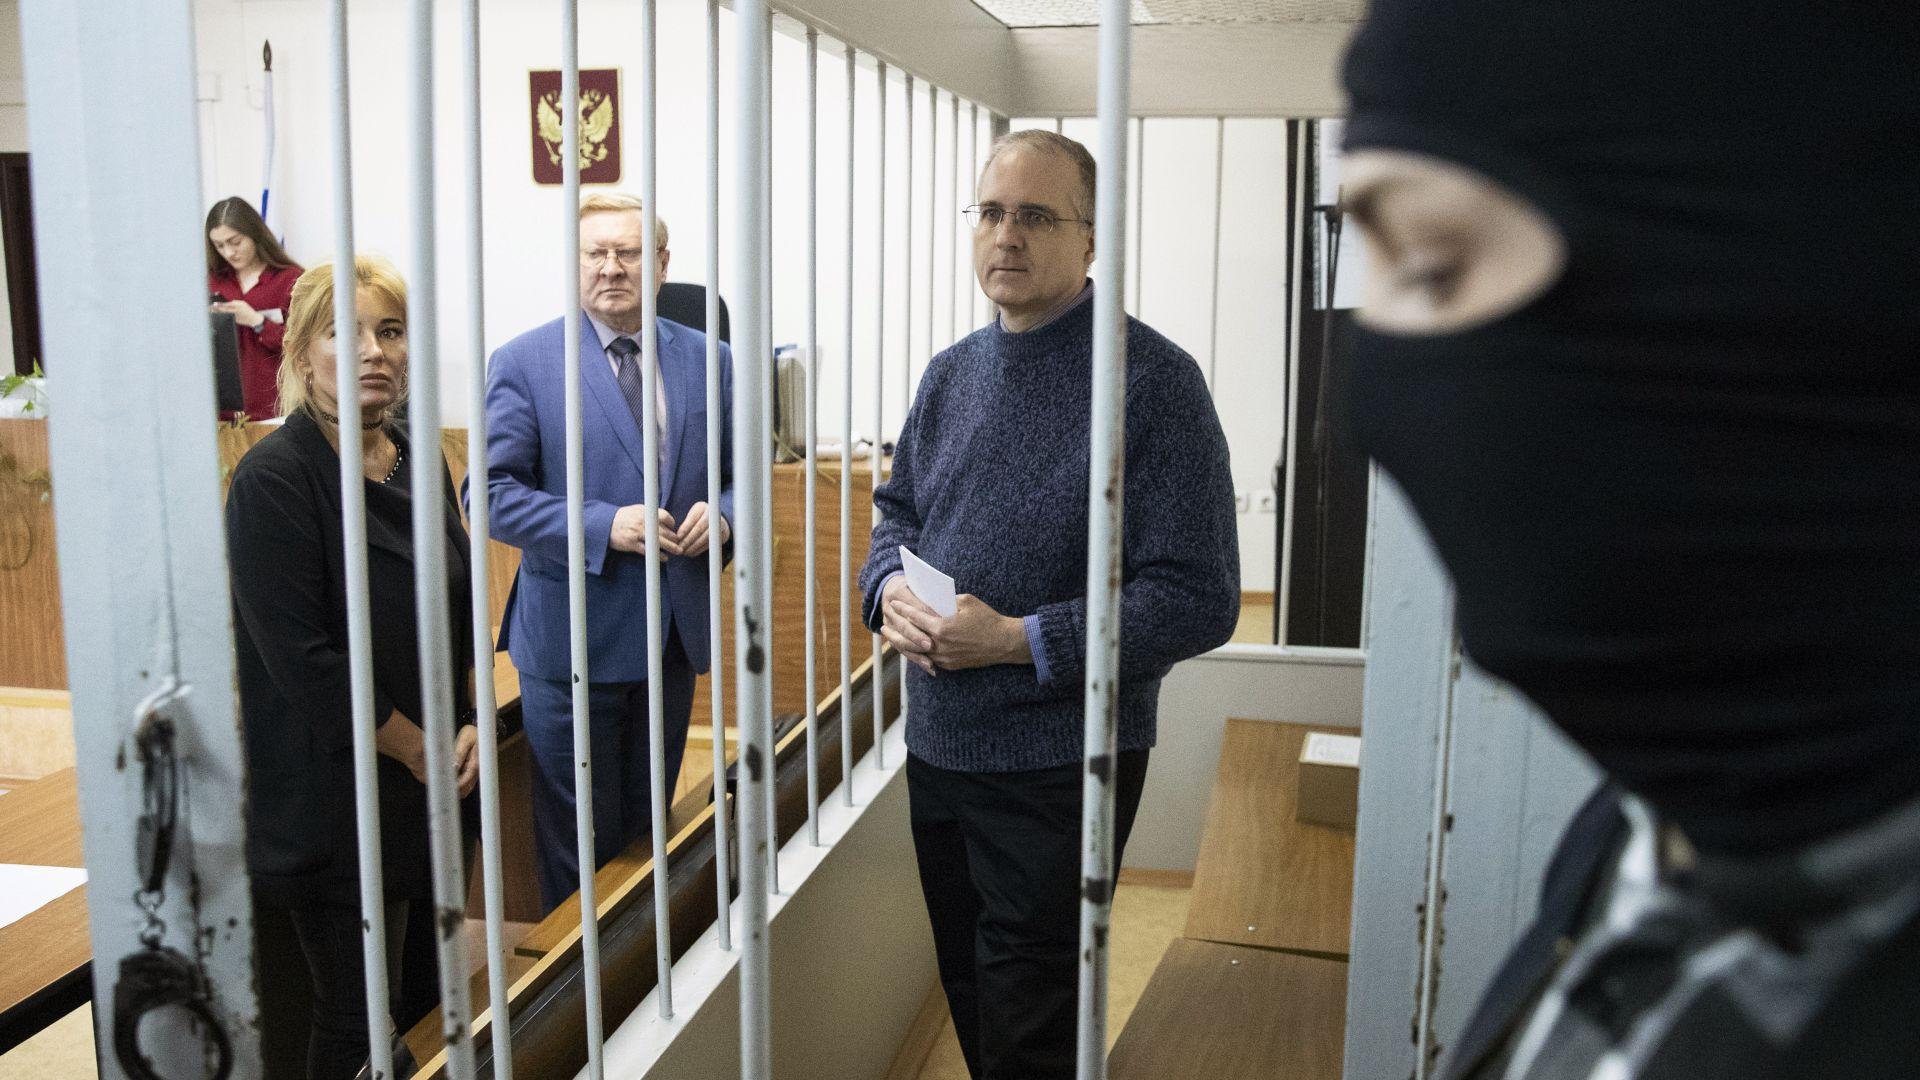 US дипломат посети арестувания обвинен в шпионаж Пол Уилан в Москва